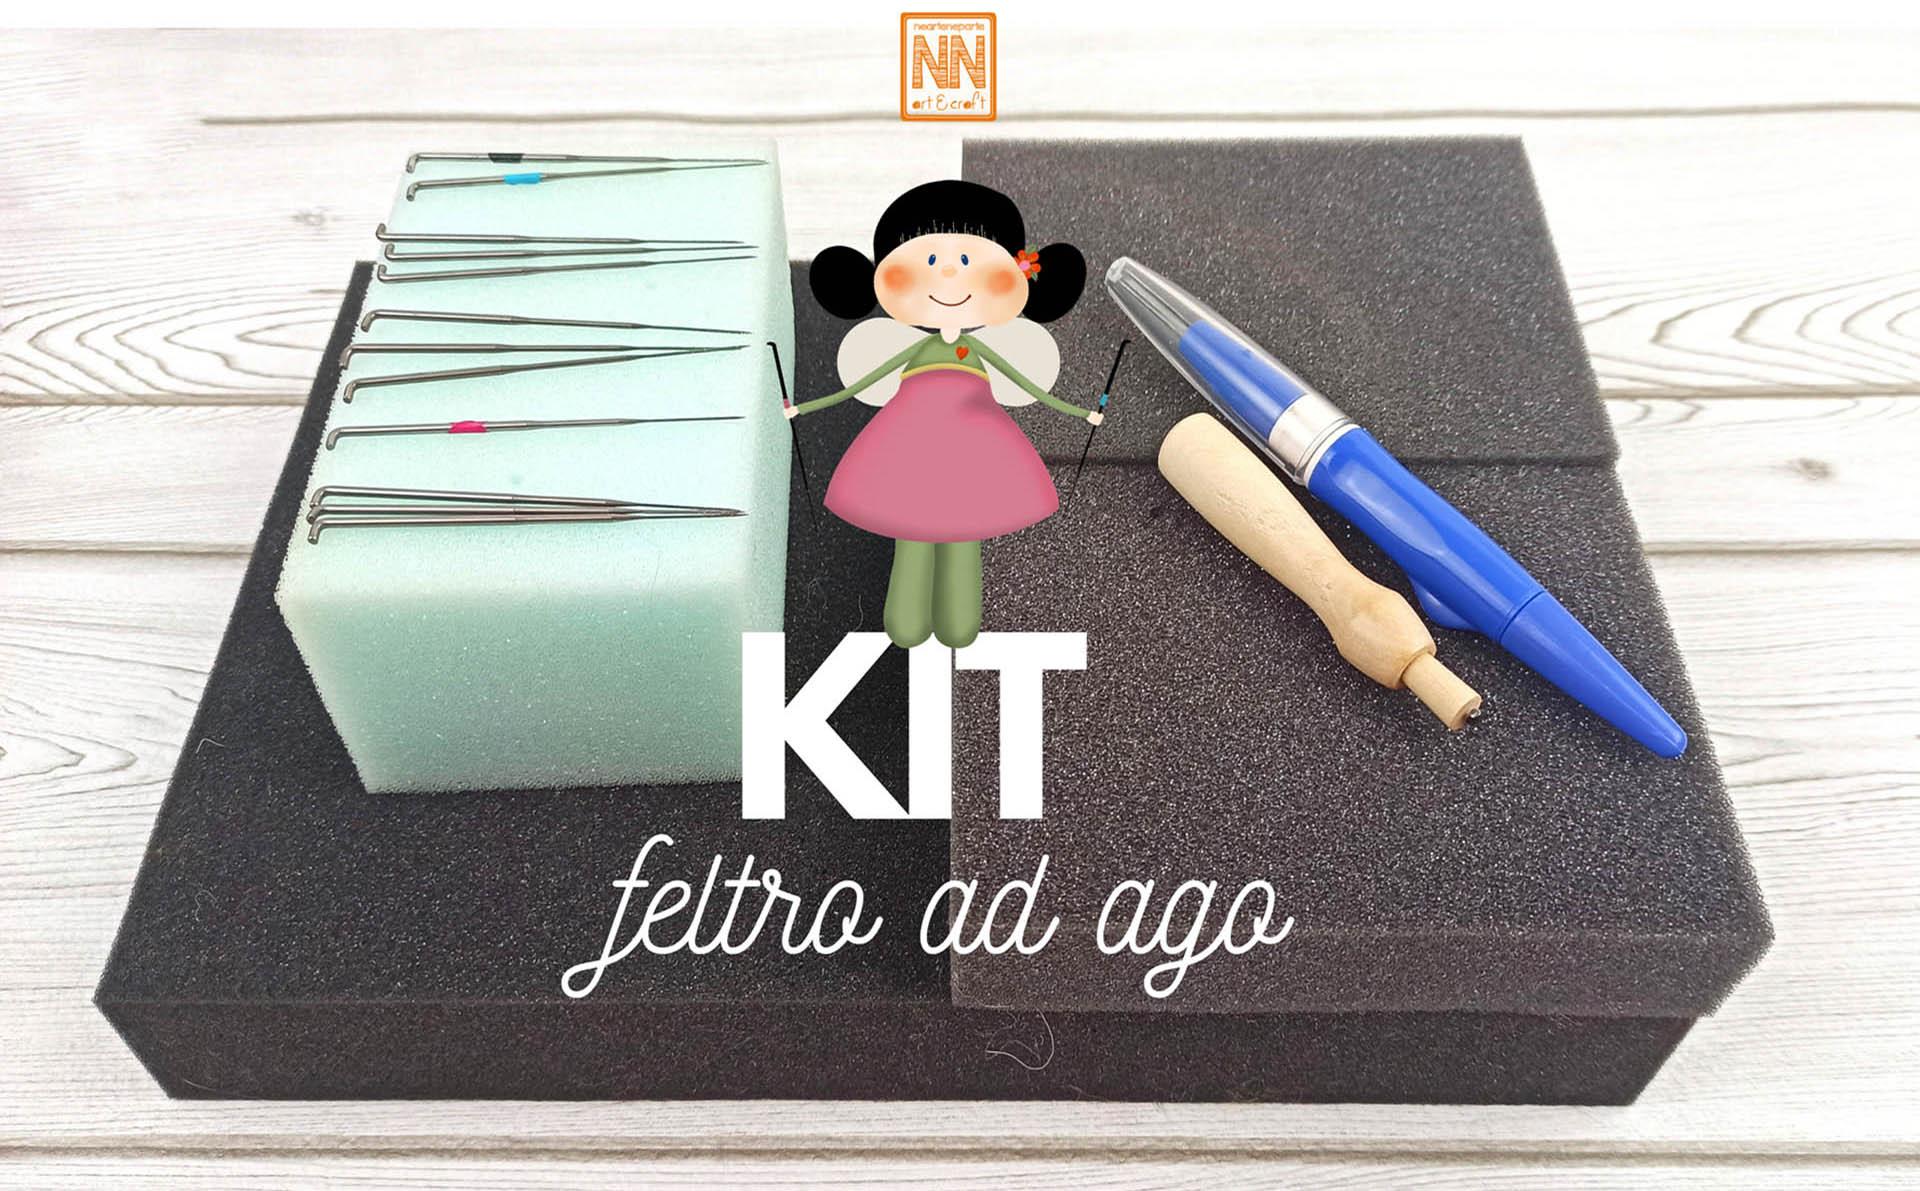 Kit strumenti base – Feltro ad ago